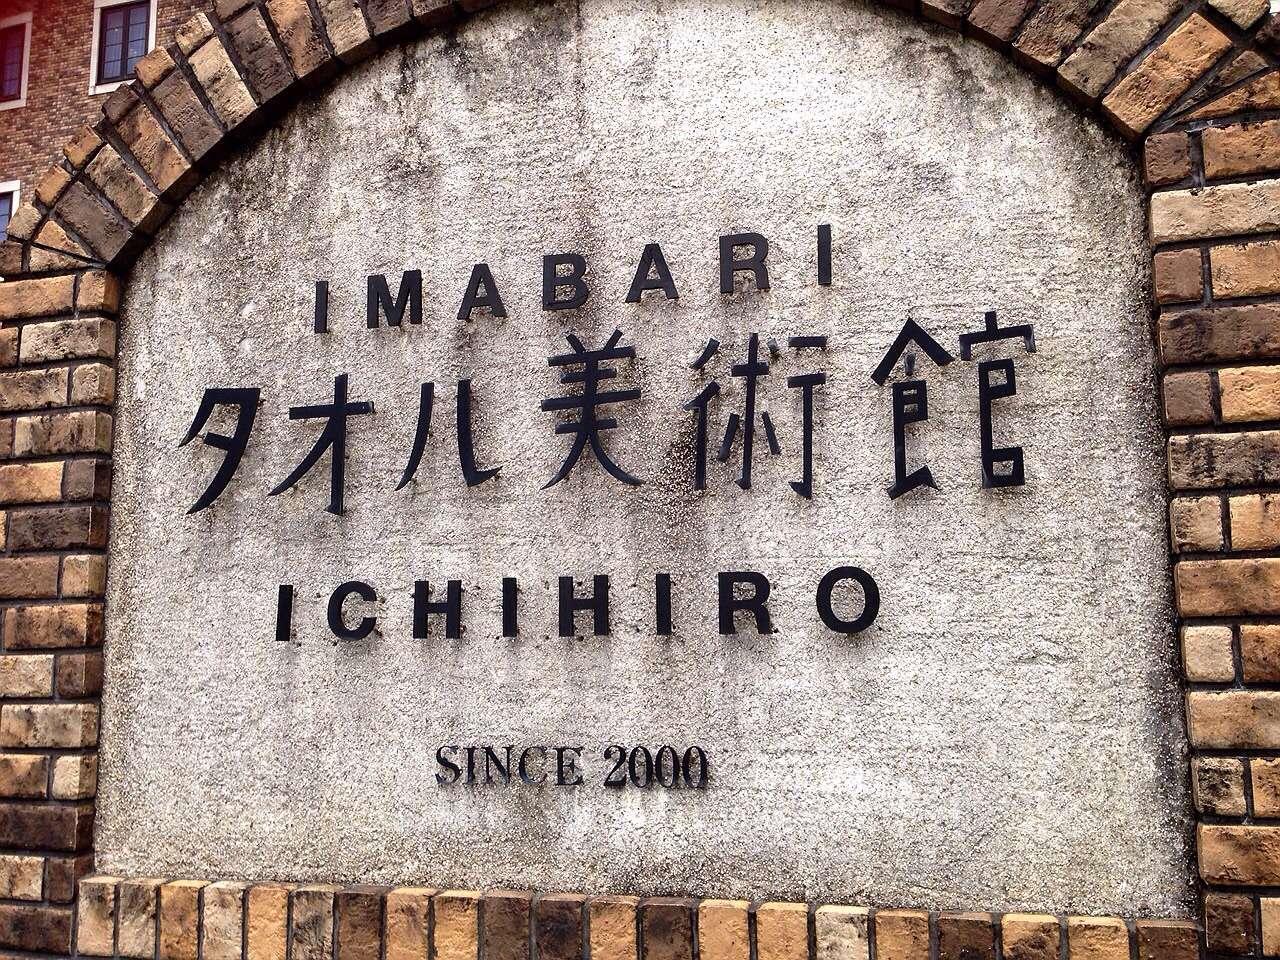 【愛媛旅行③】プロが選ぶ観光・食事・土産施設100選のタオル美術館★